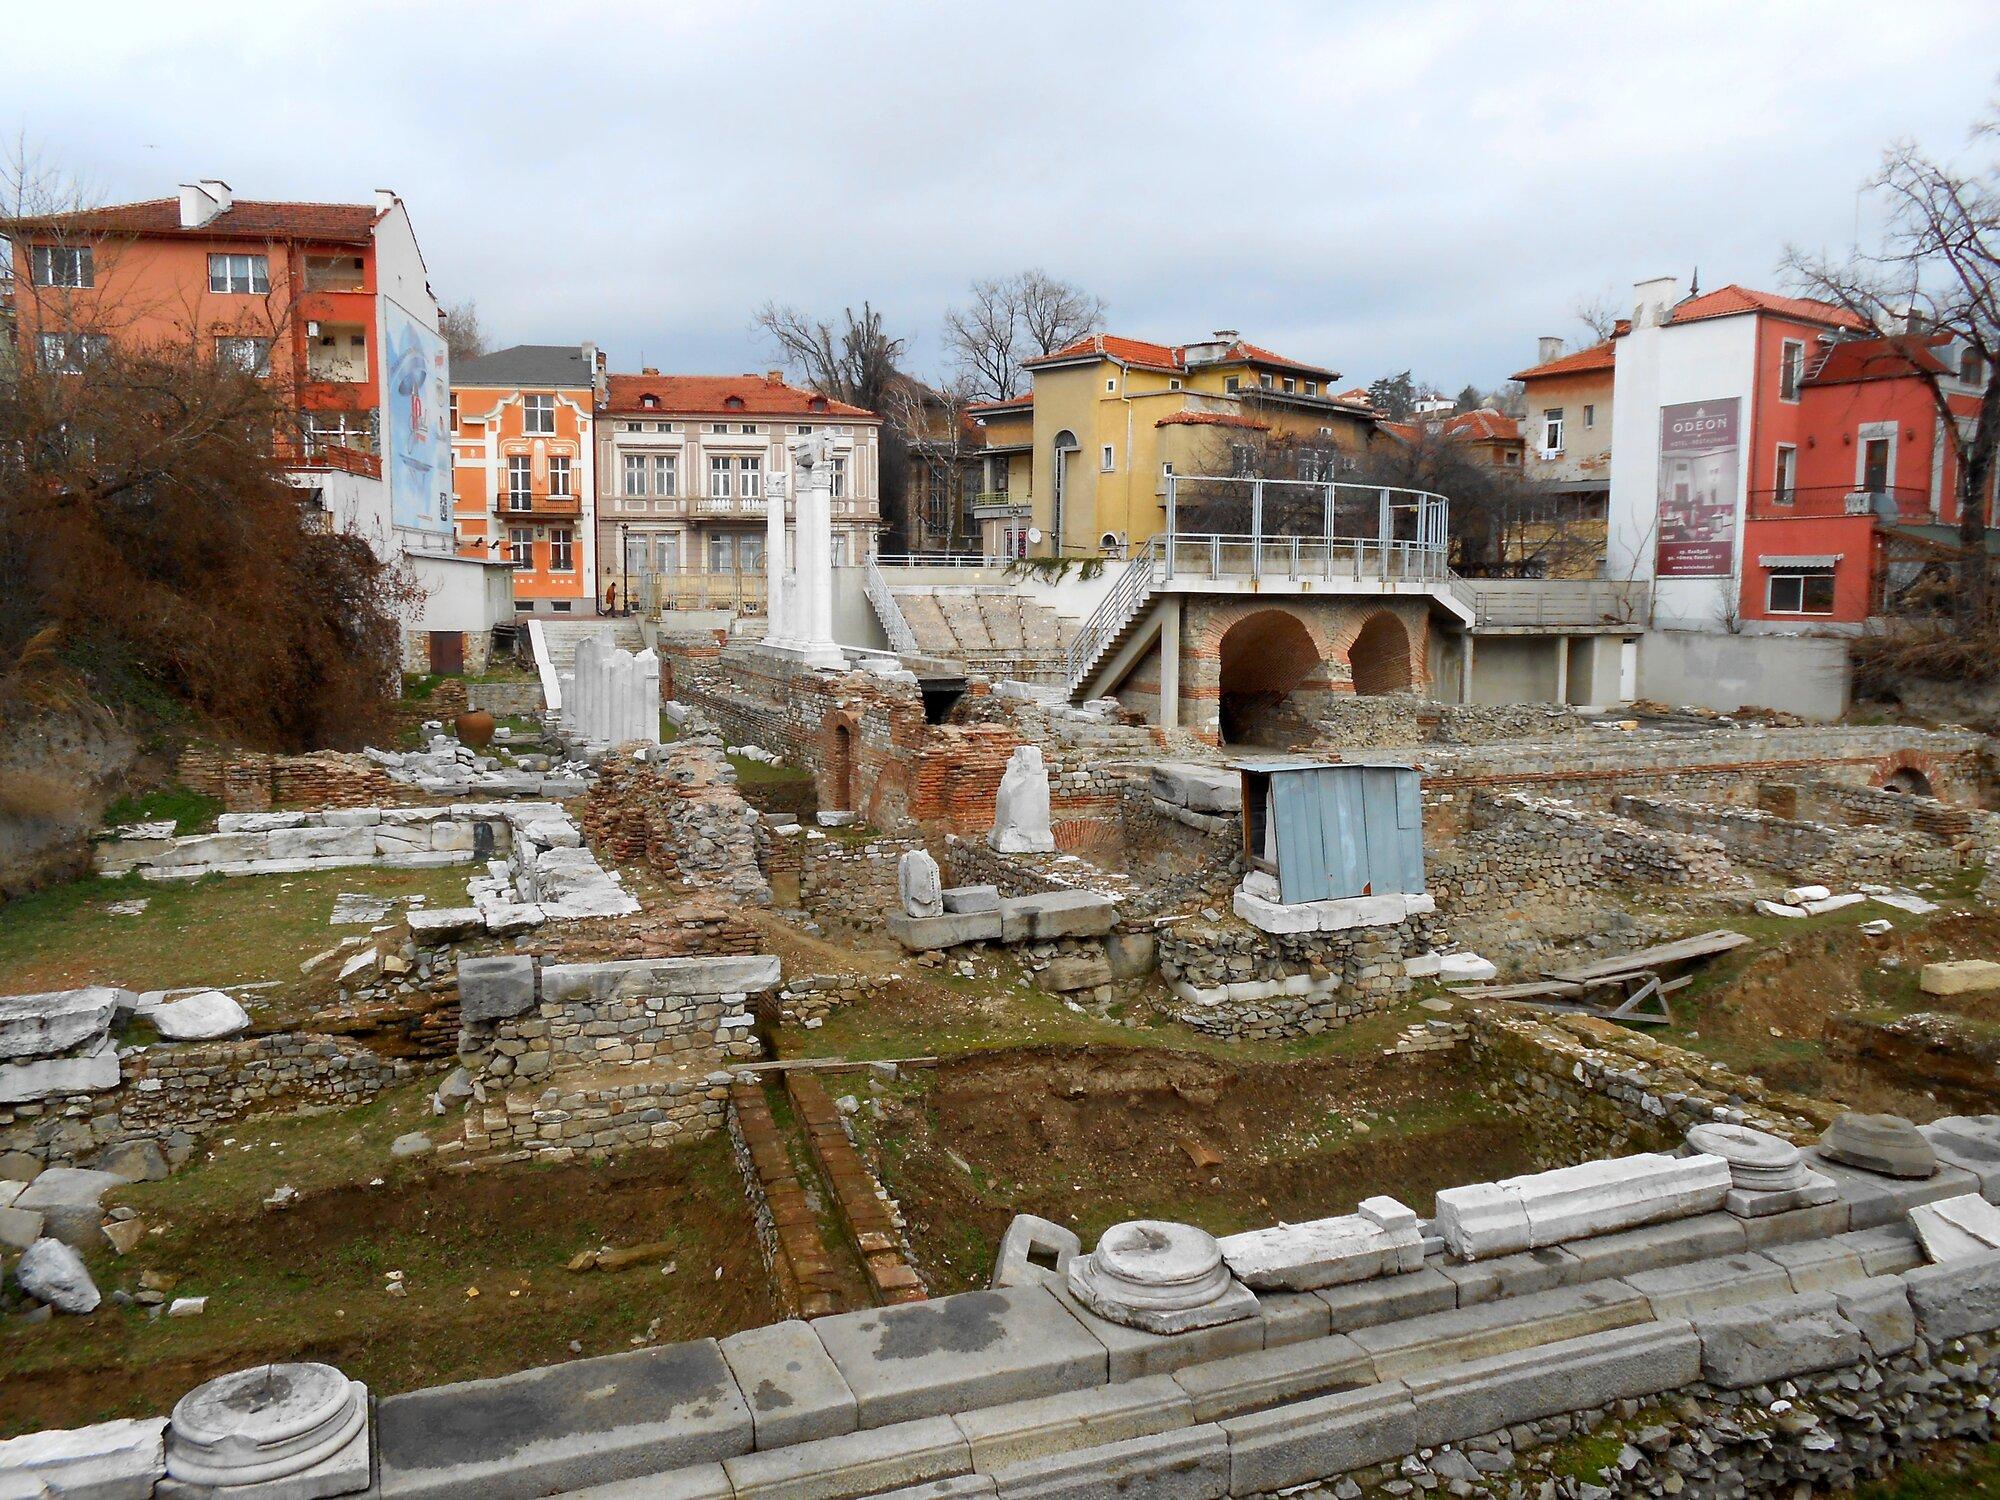 římské ruiny Odeon dodnes připomínají bohatou historii města